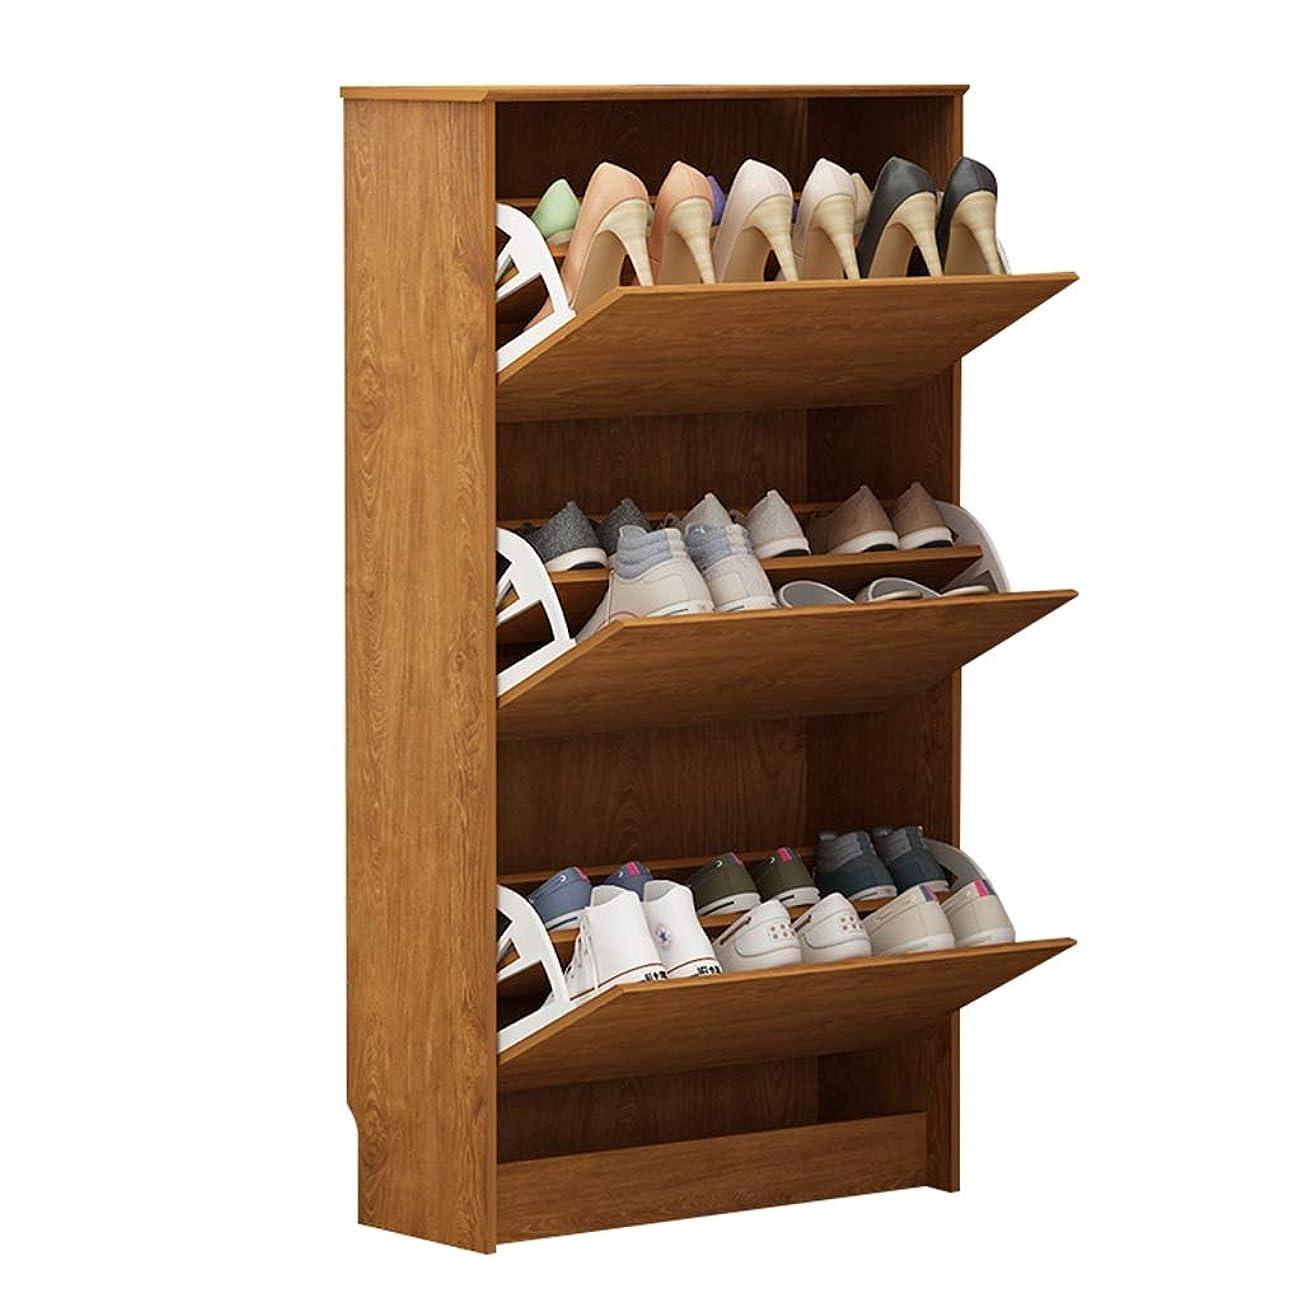 アーク毎日ラショナルJTWJ 超薄型靴キャビネット24センチメートルダンピングシューキャビネットシンプルな近代的な戸口靴ホームホールキャビネット